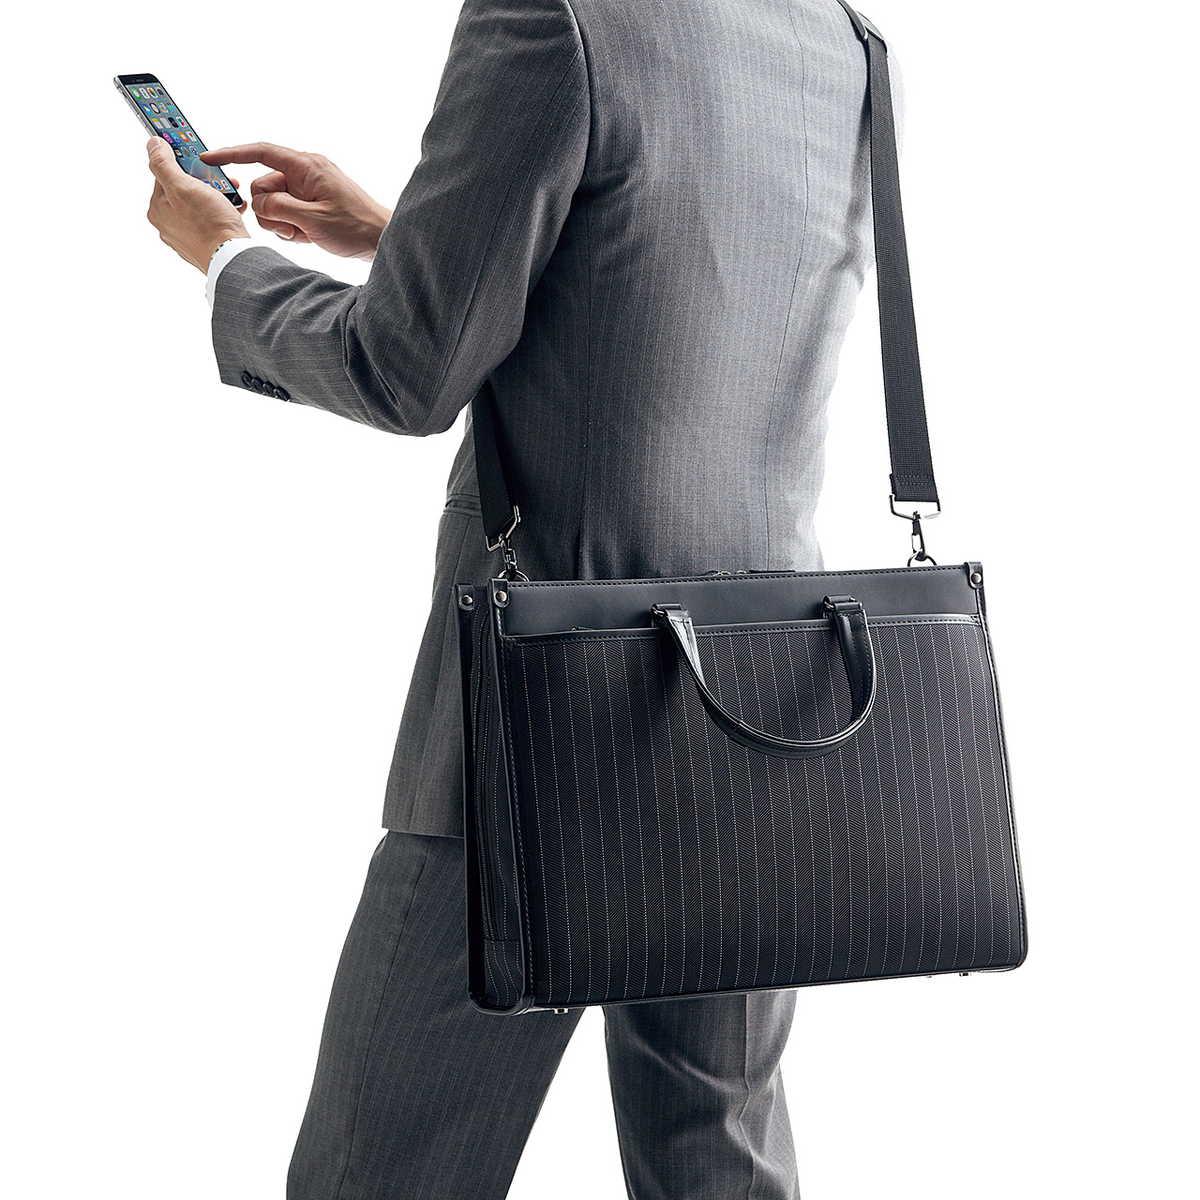 【送料無料】2WAYビジネスバッグ 軽量 スリムなのに大容量 手提げ・ショルダーの2WAY 15.6インチ A4書類収納可 メンズ パソコンバッグ ビジネスバック [200-BAG067]【サンワダイレクト限定品】